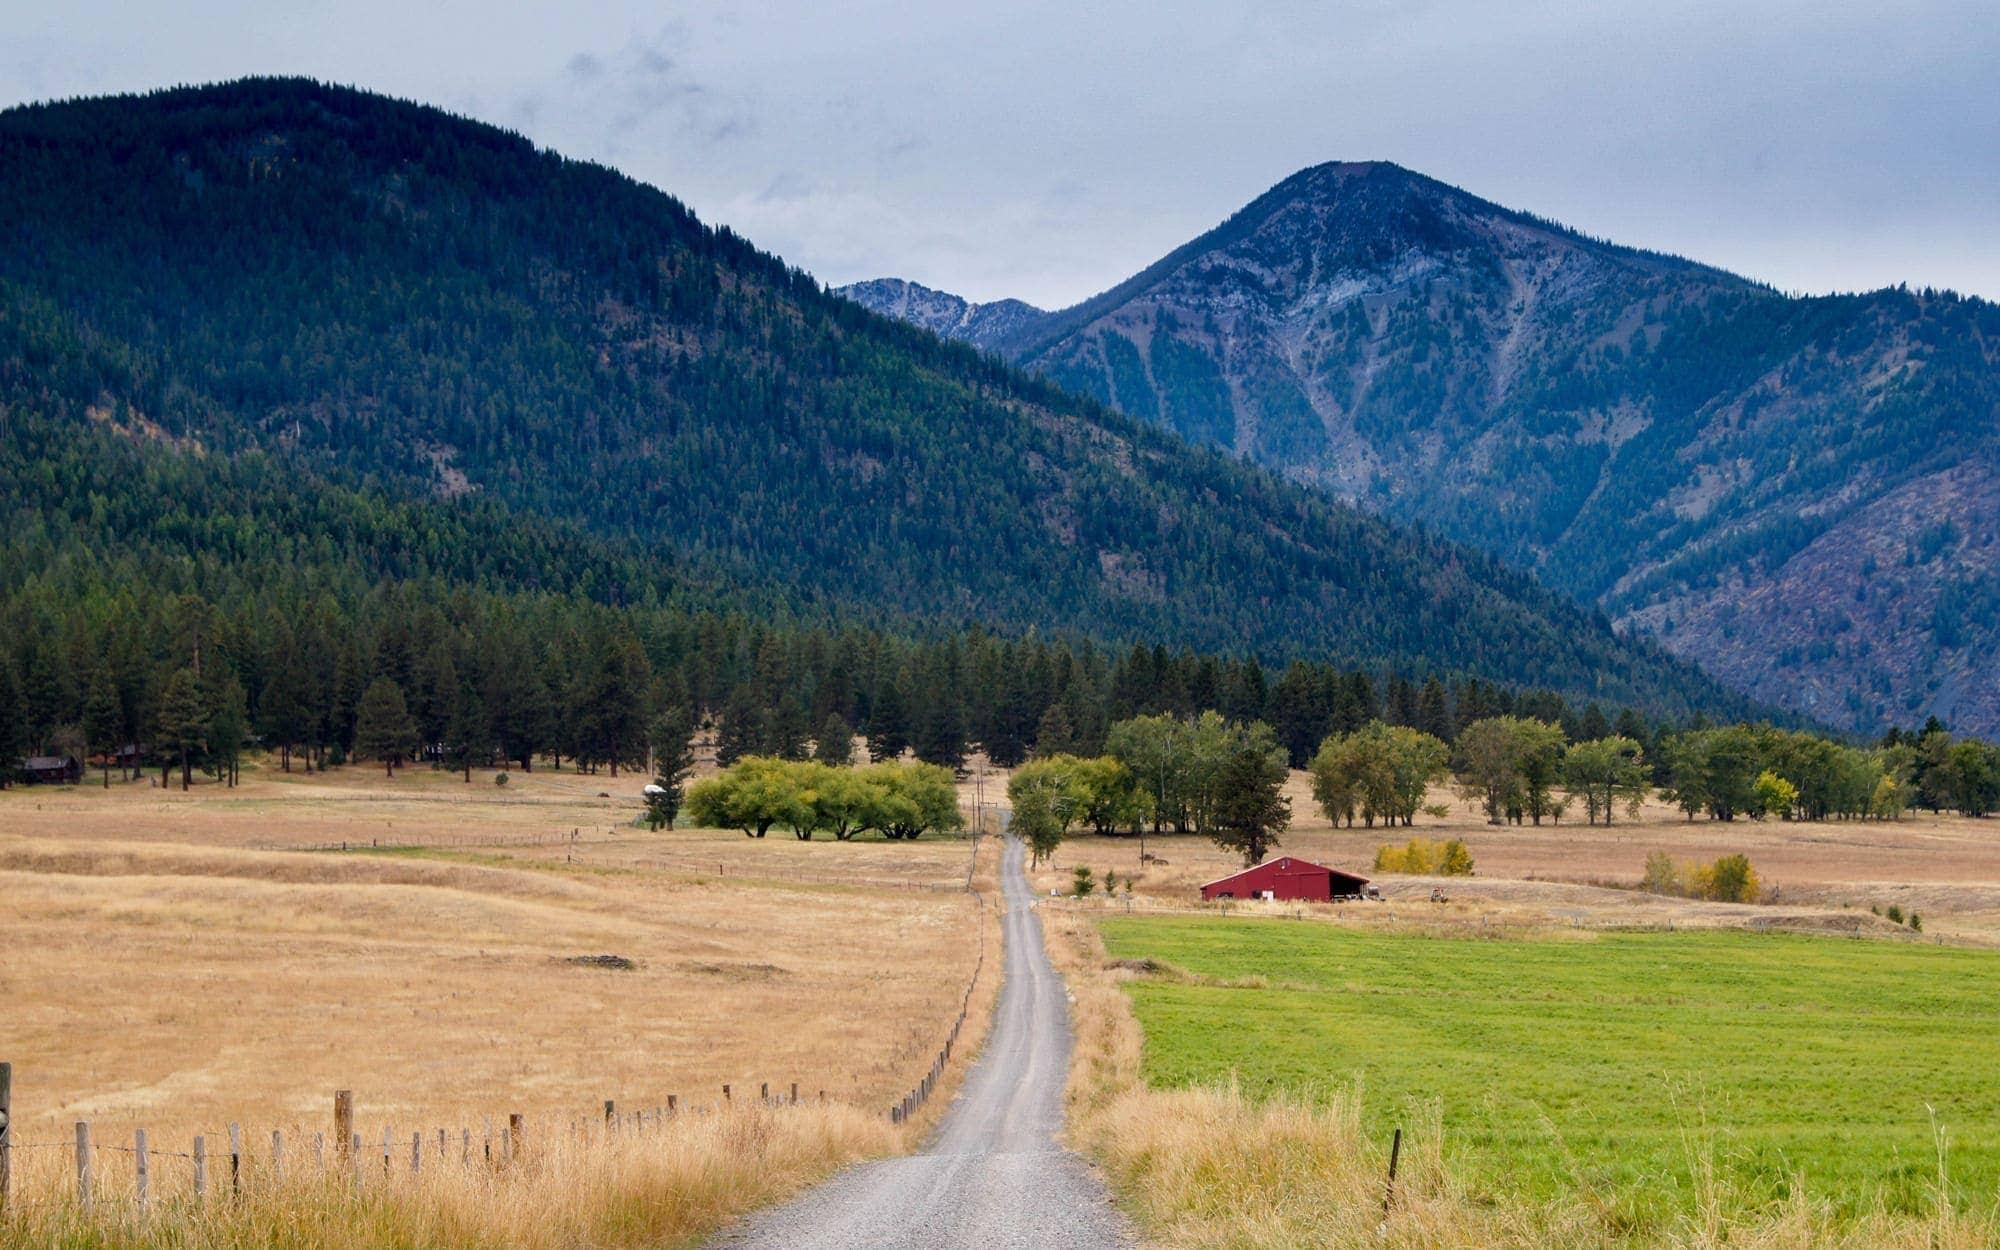 Outskirts of Joseph near the Wallowa Mountains